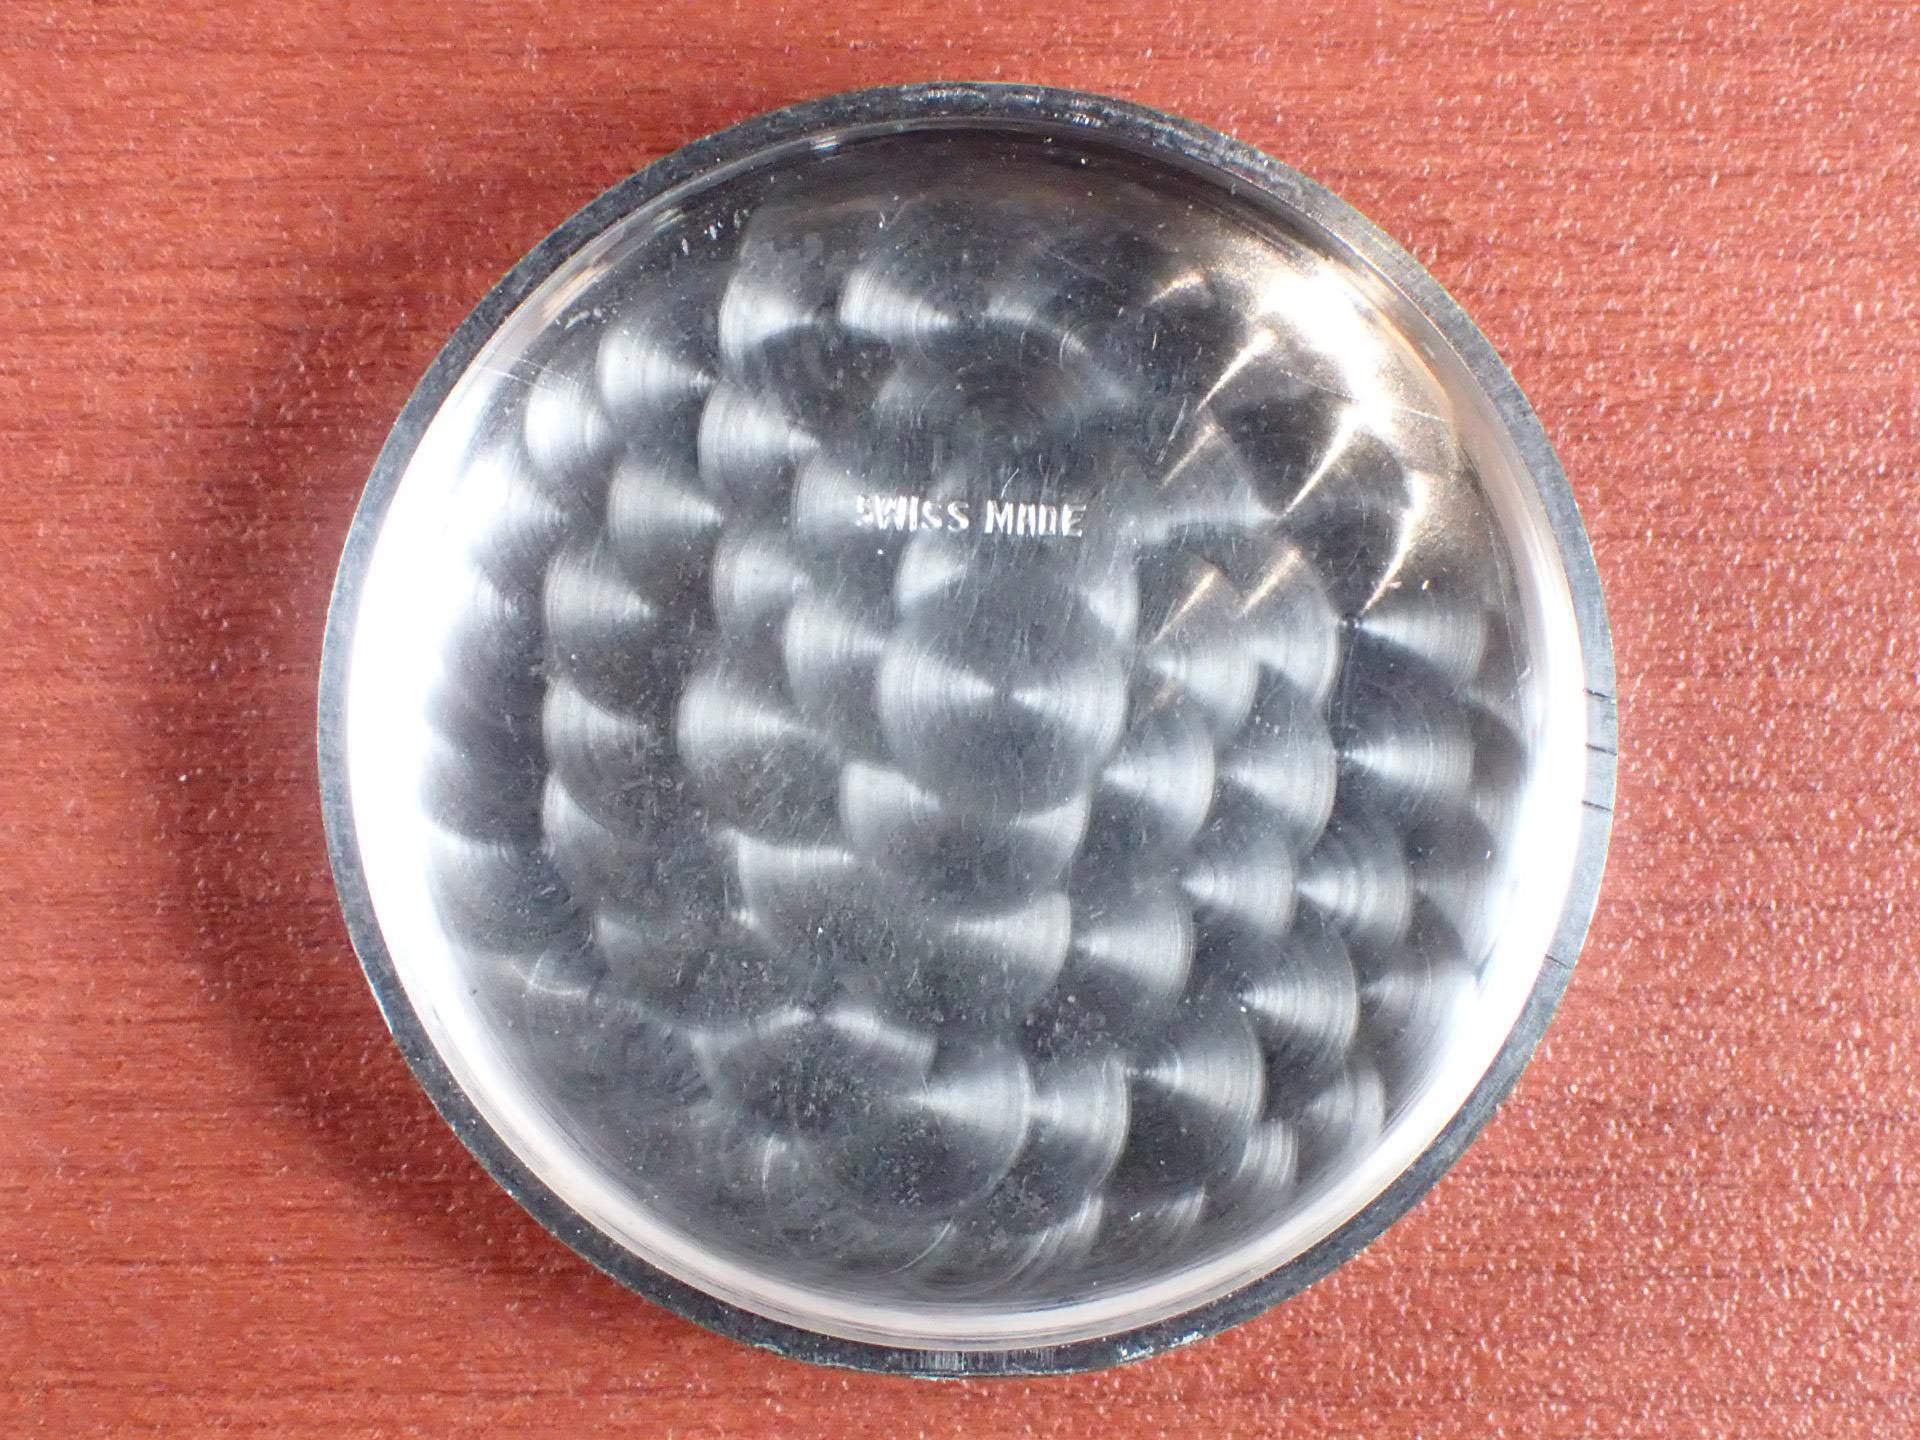 ムルコ クロノグラフ Cal.バルジュー22 スパイラルタキ ミントコンディション 1930年代の写真6枚目